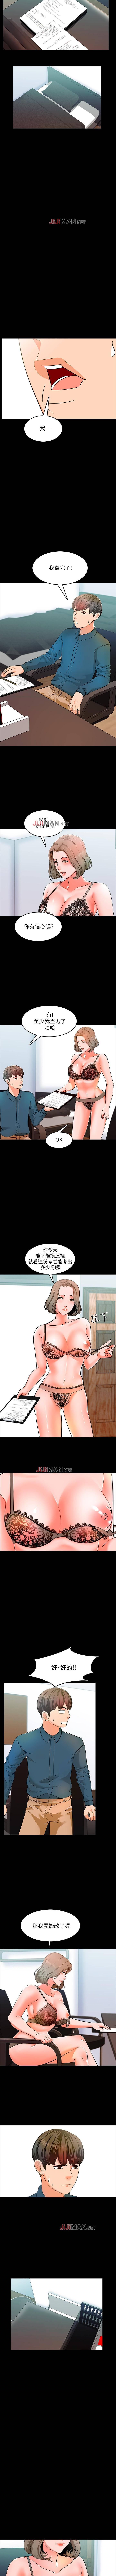 【周一连载】家教老师(作者: CreamMedia) 第1~43话 28